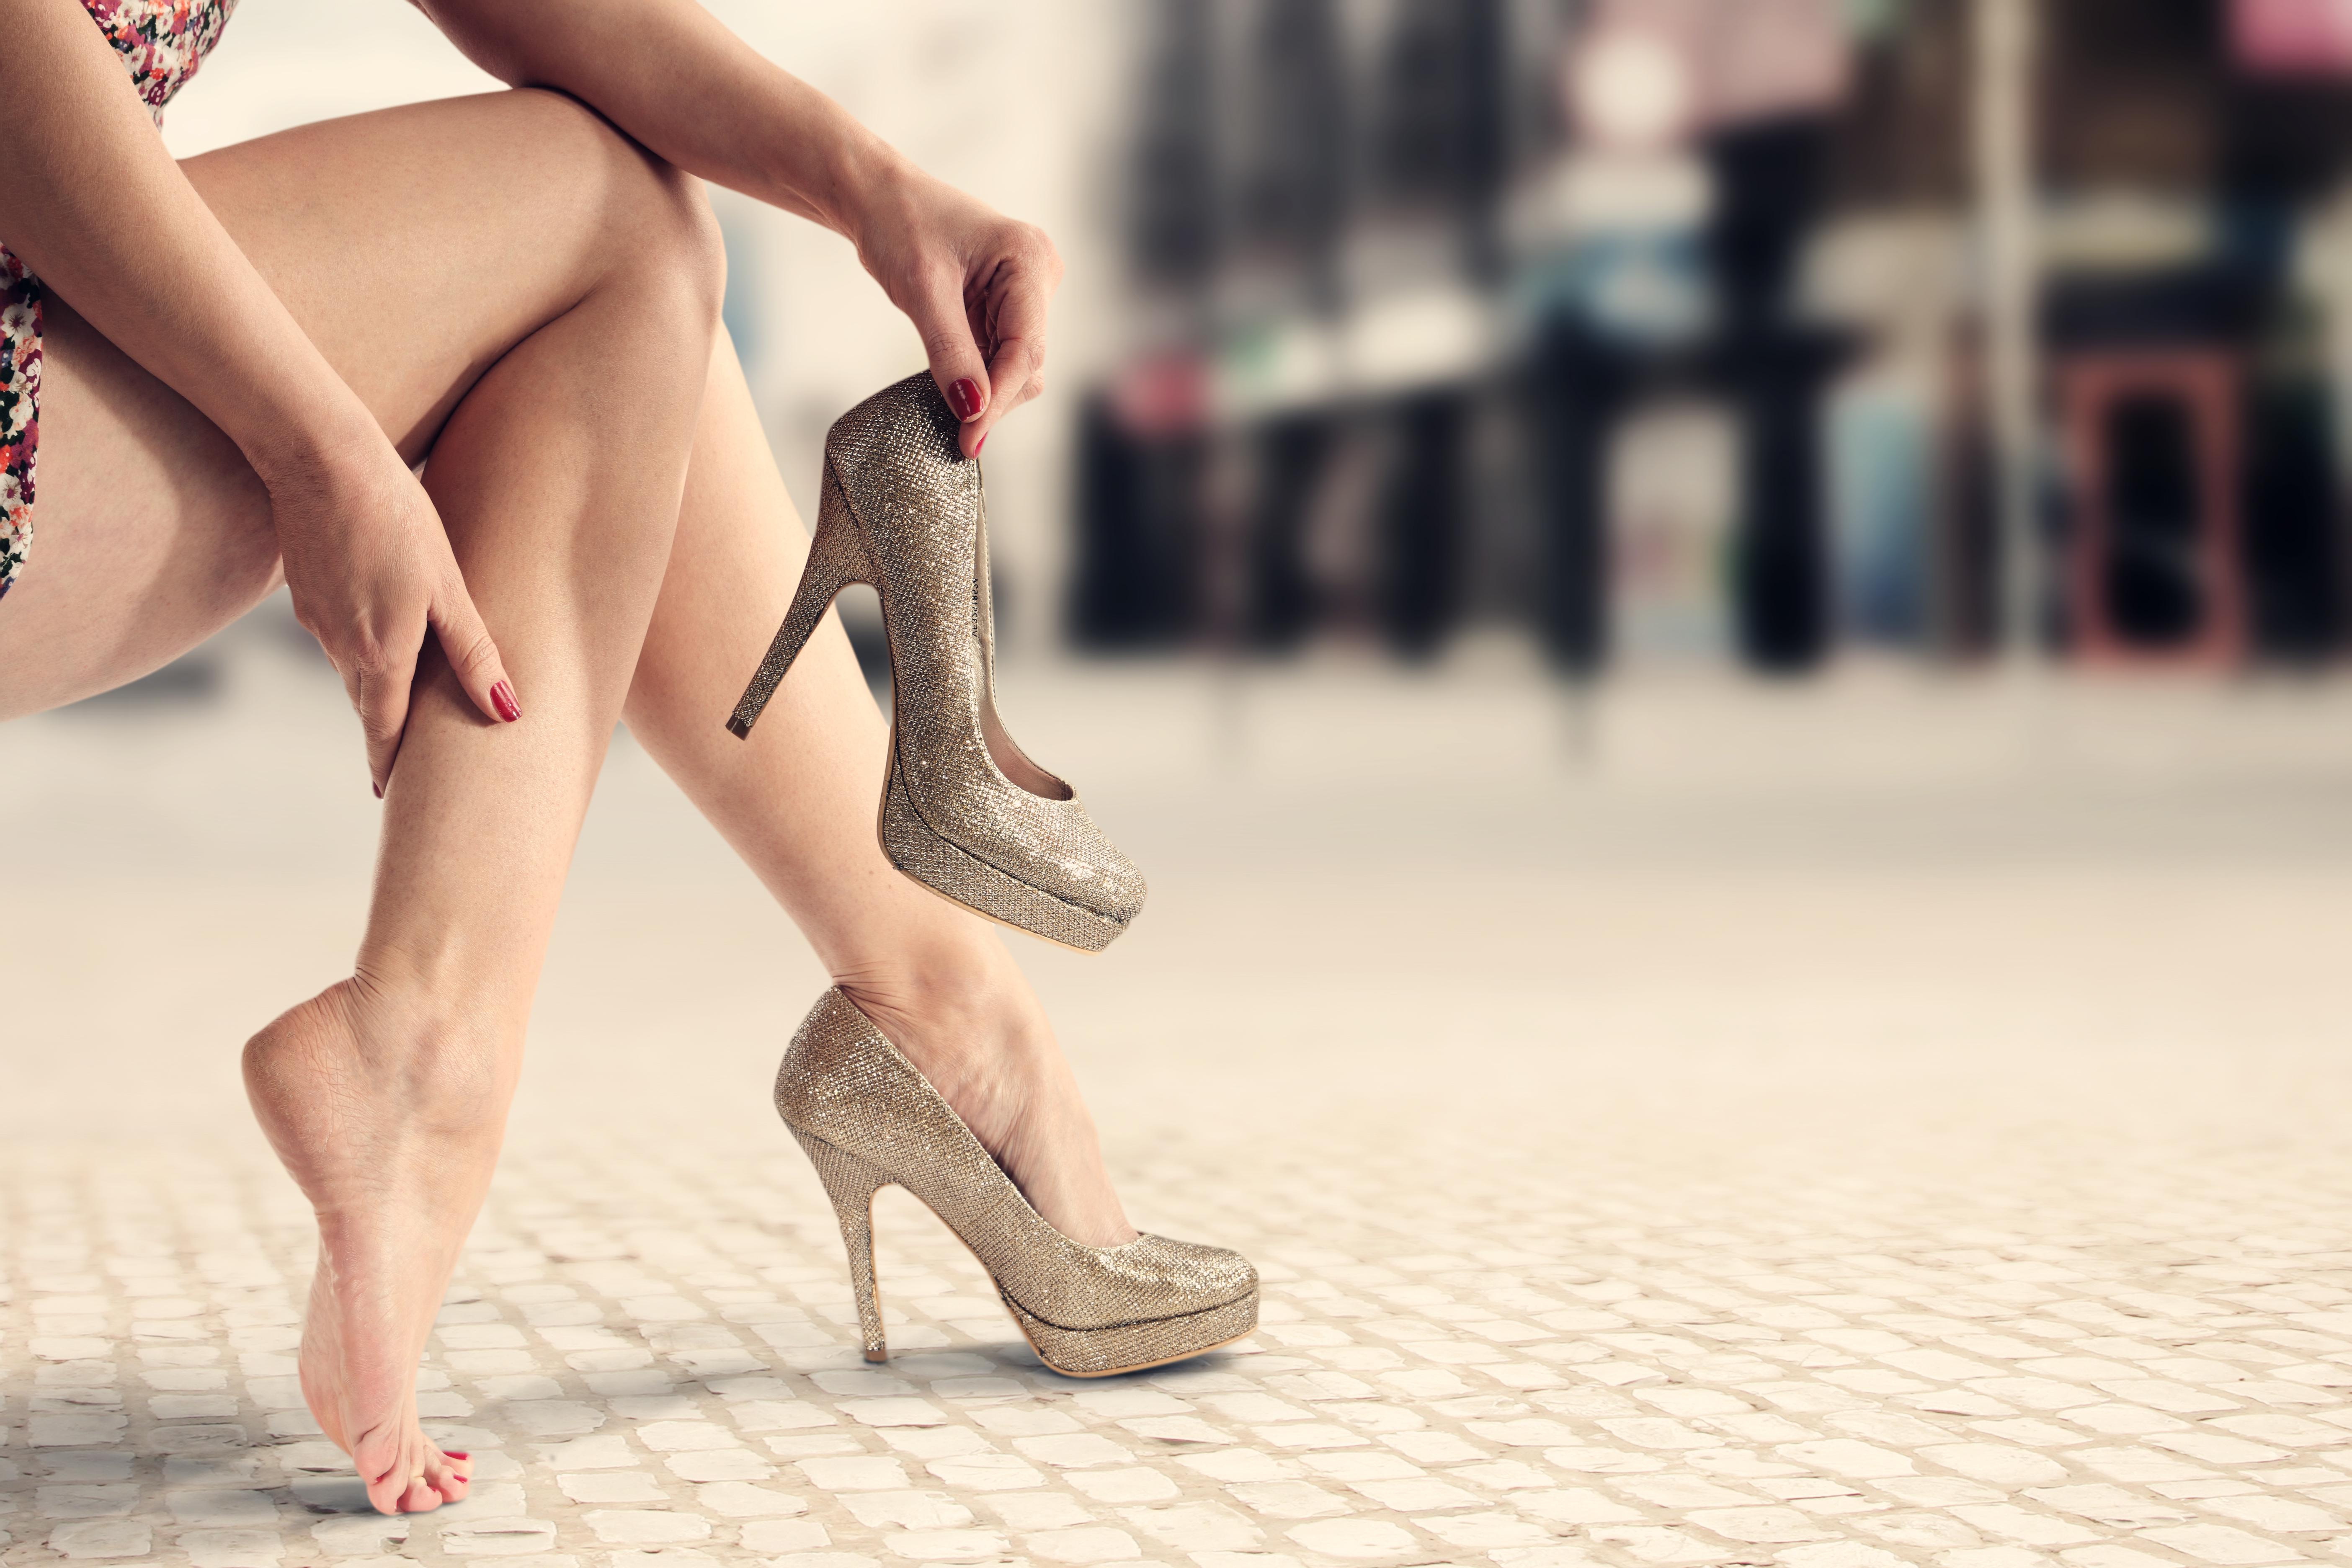 Целовать туфли фото, Целует ножки девушки в туфлях на каблуке 3 фотография